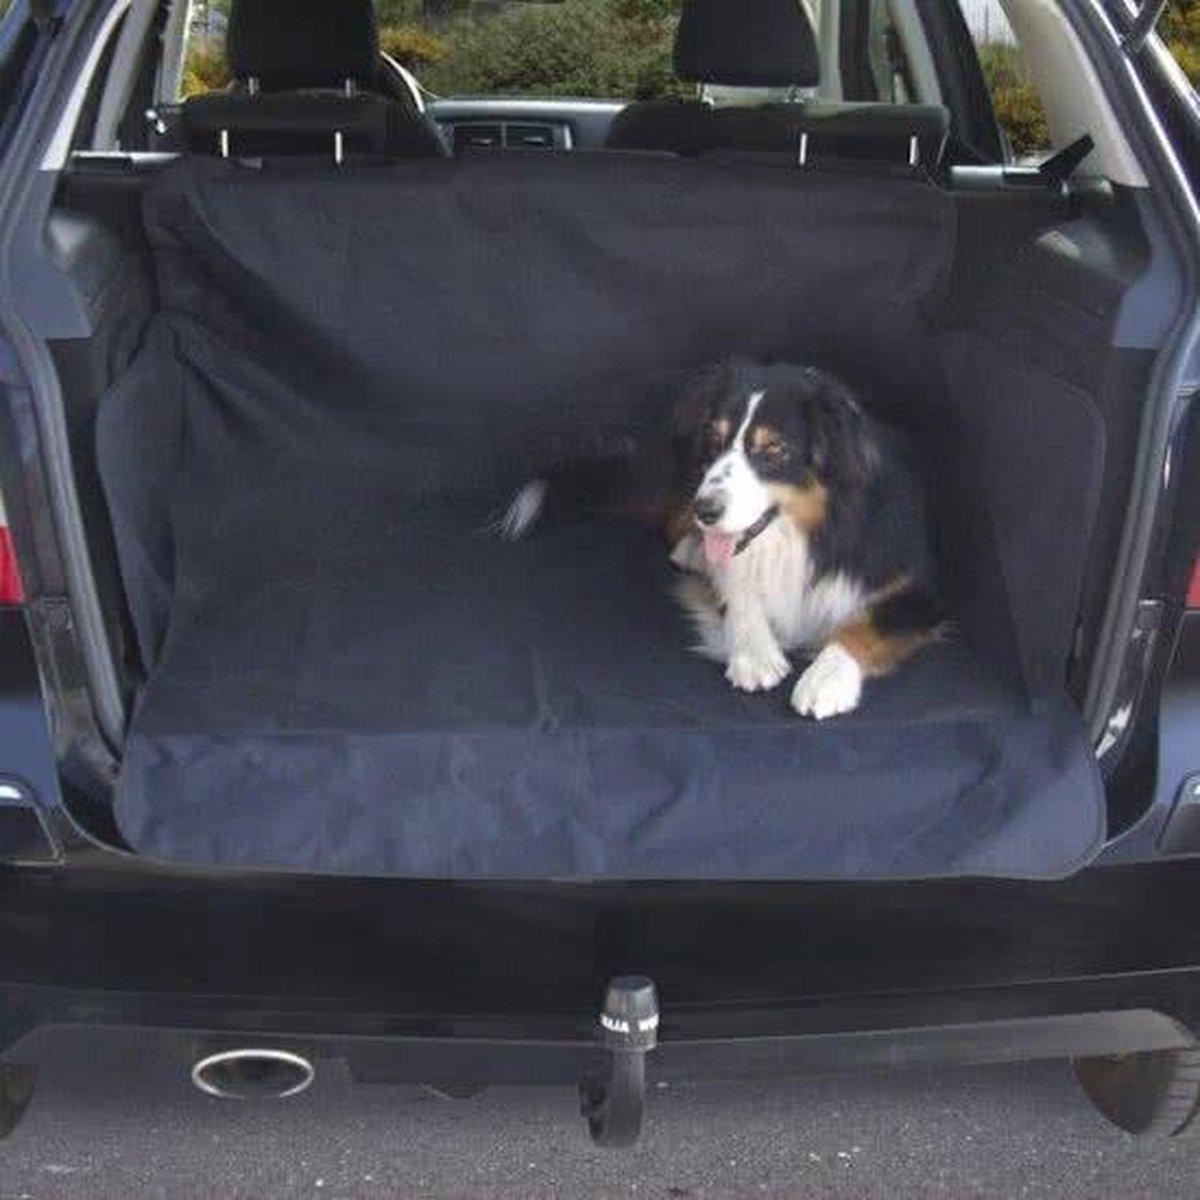 Beasty Auto Beschermhoes voor Kofferbak met Kliksluitingen - 146 x 146 cm - Zwart   Voor Honden   Tegen Vuil en Beschadigingen  Achterbank Hoes   Hondenkleed  Autodeken    Autobeschermhoes - Trend Accessoires